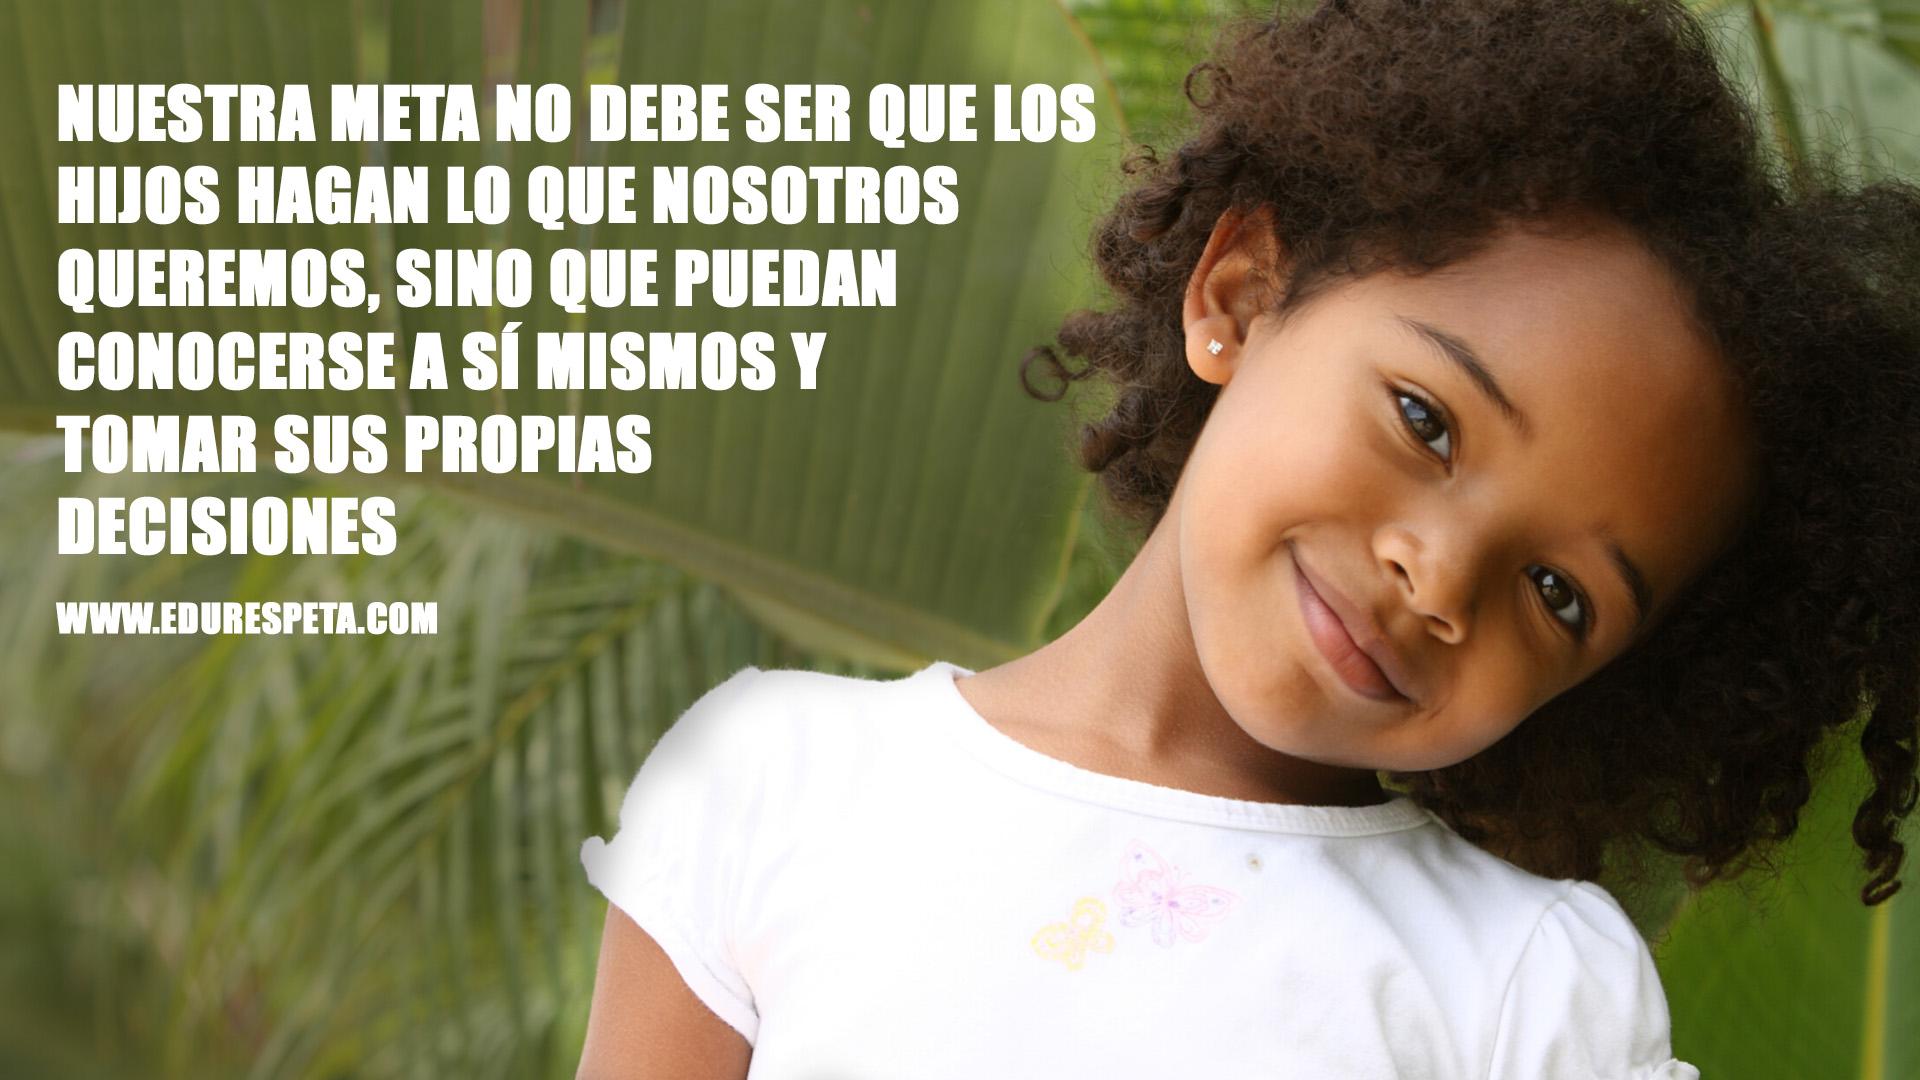 Nuestra meta no debe ser que los hijos hagan lo que nosotros queremos, sino que puedan conocerse a sí mismos y tomar sus propias decisiones